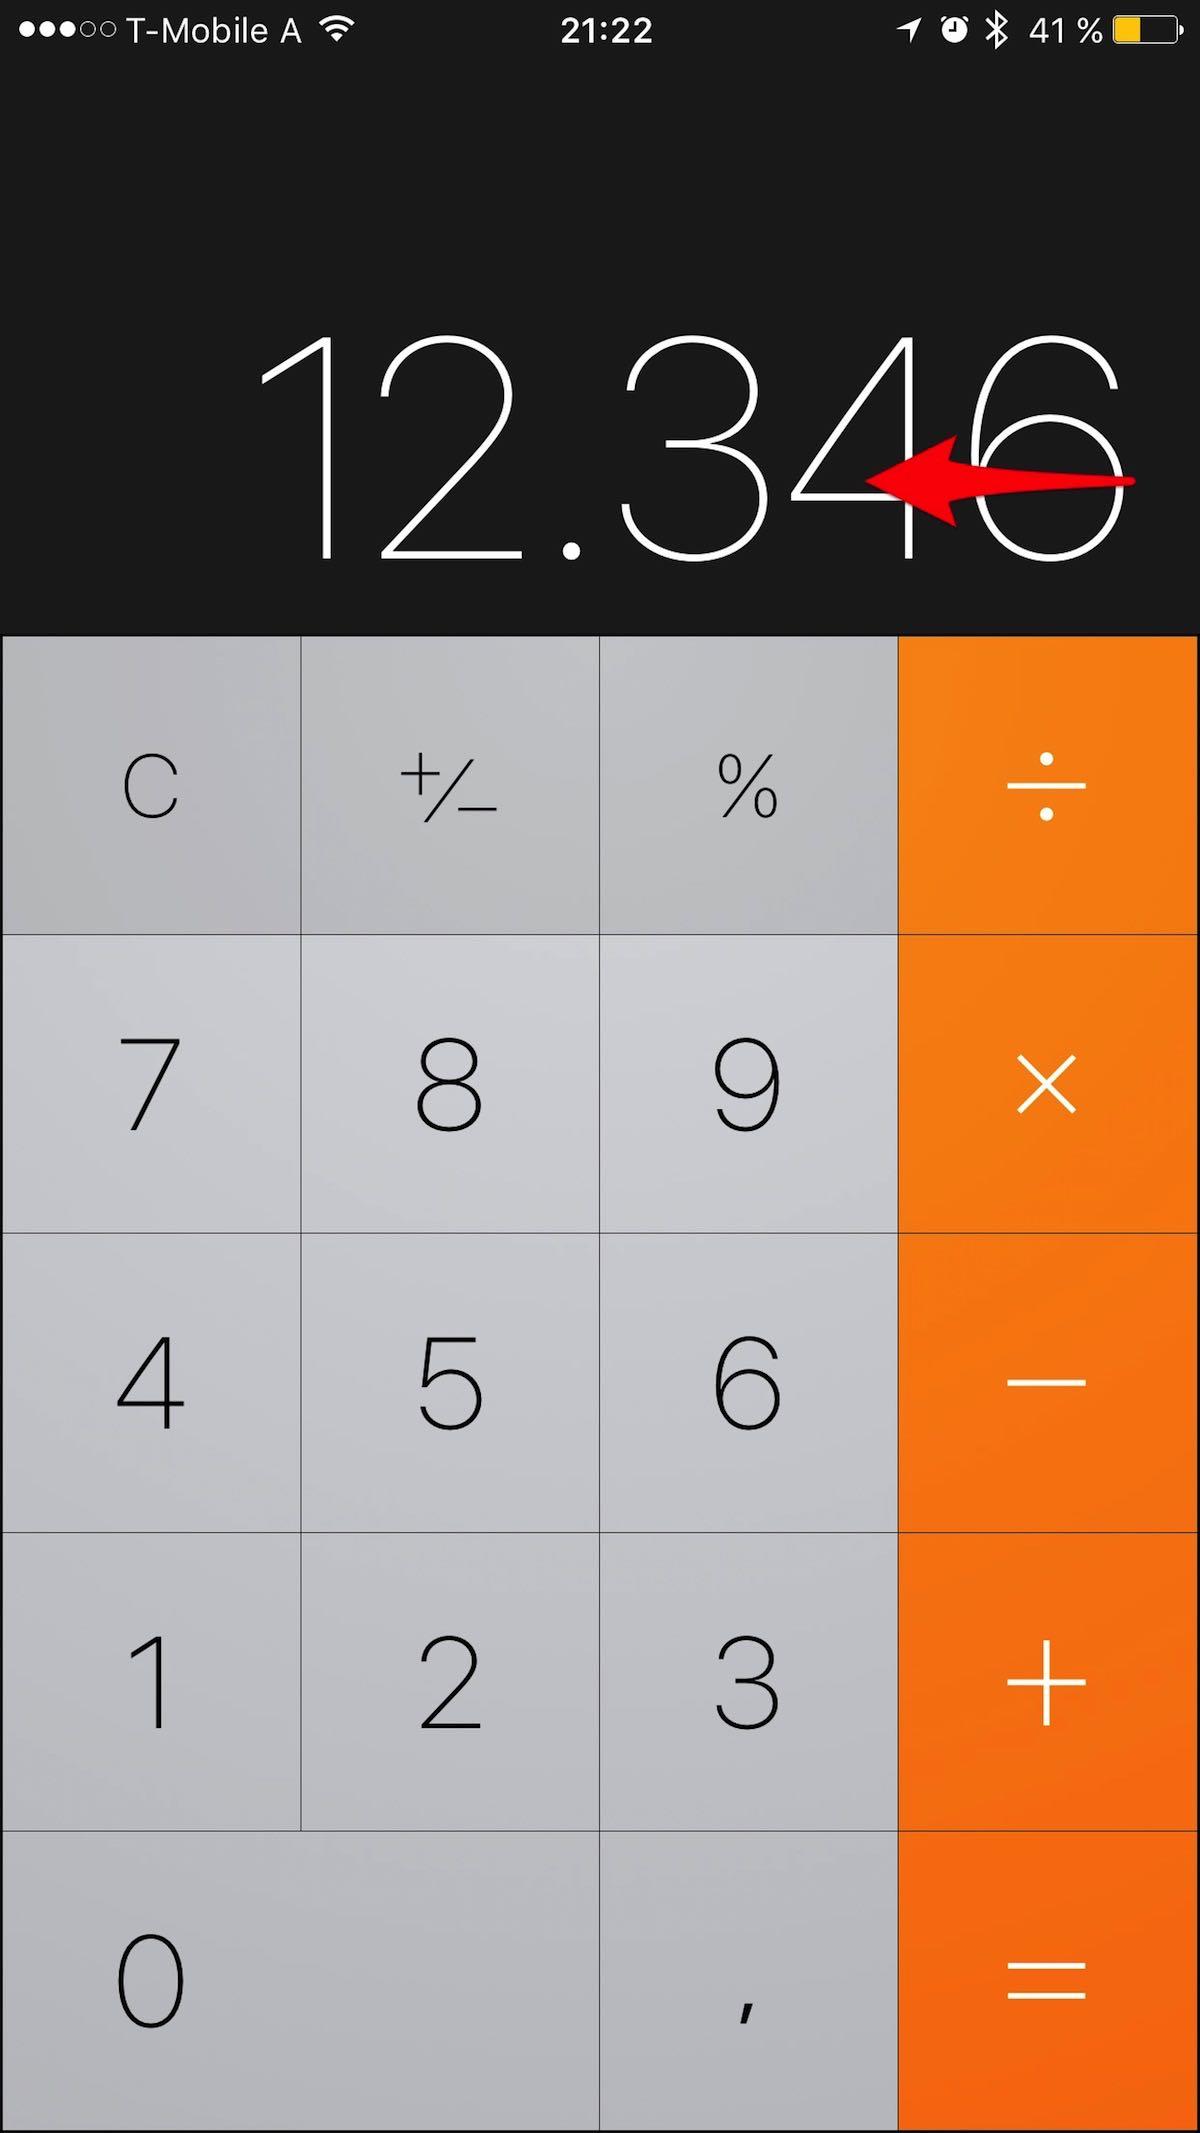 Kurztipp – iPhone Taschenrechner – Falsche Eingaben korrigieren